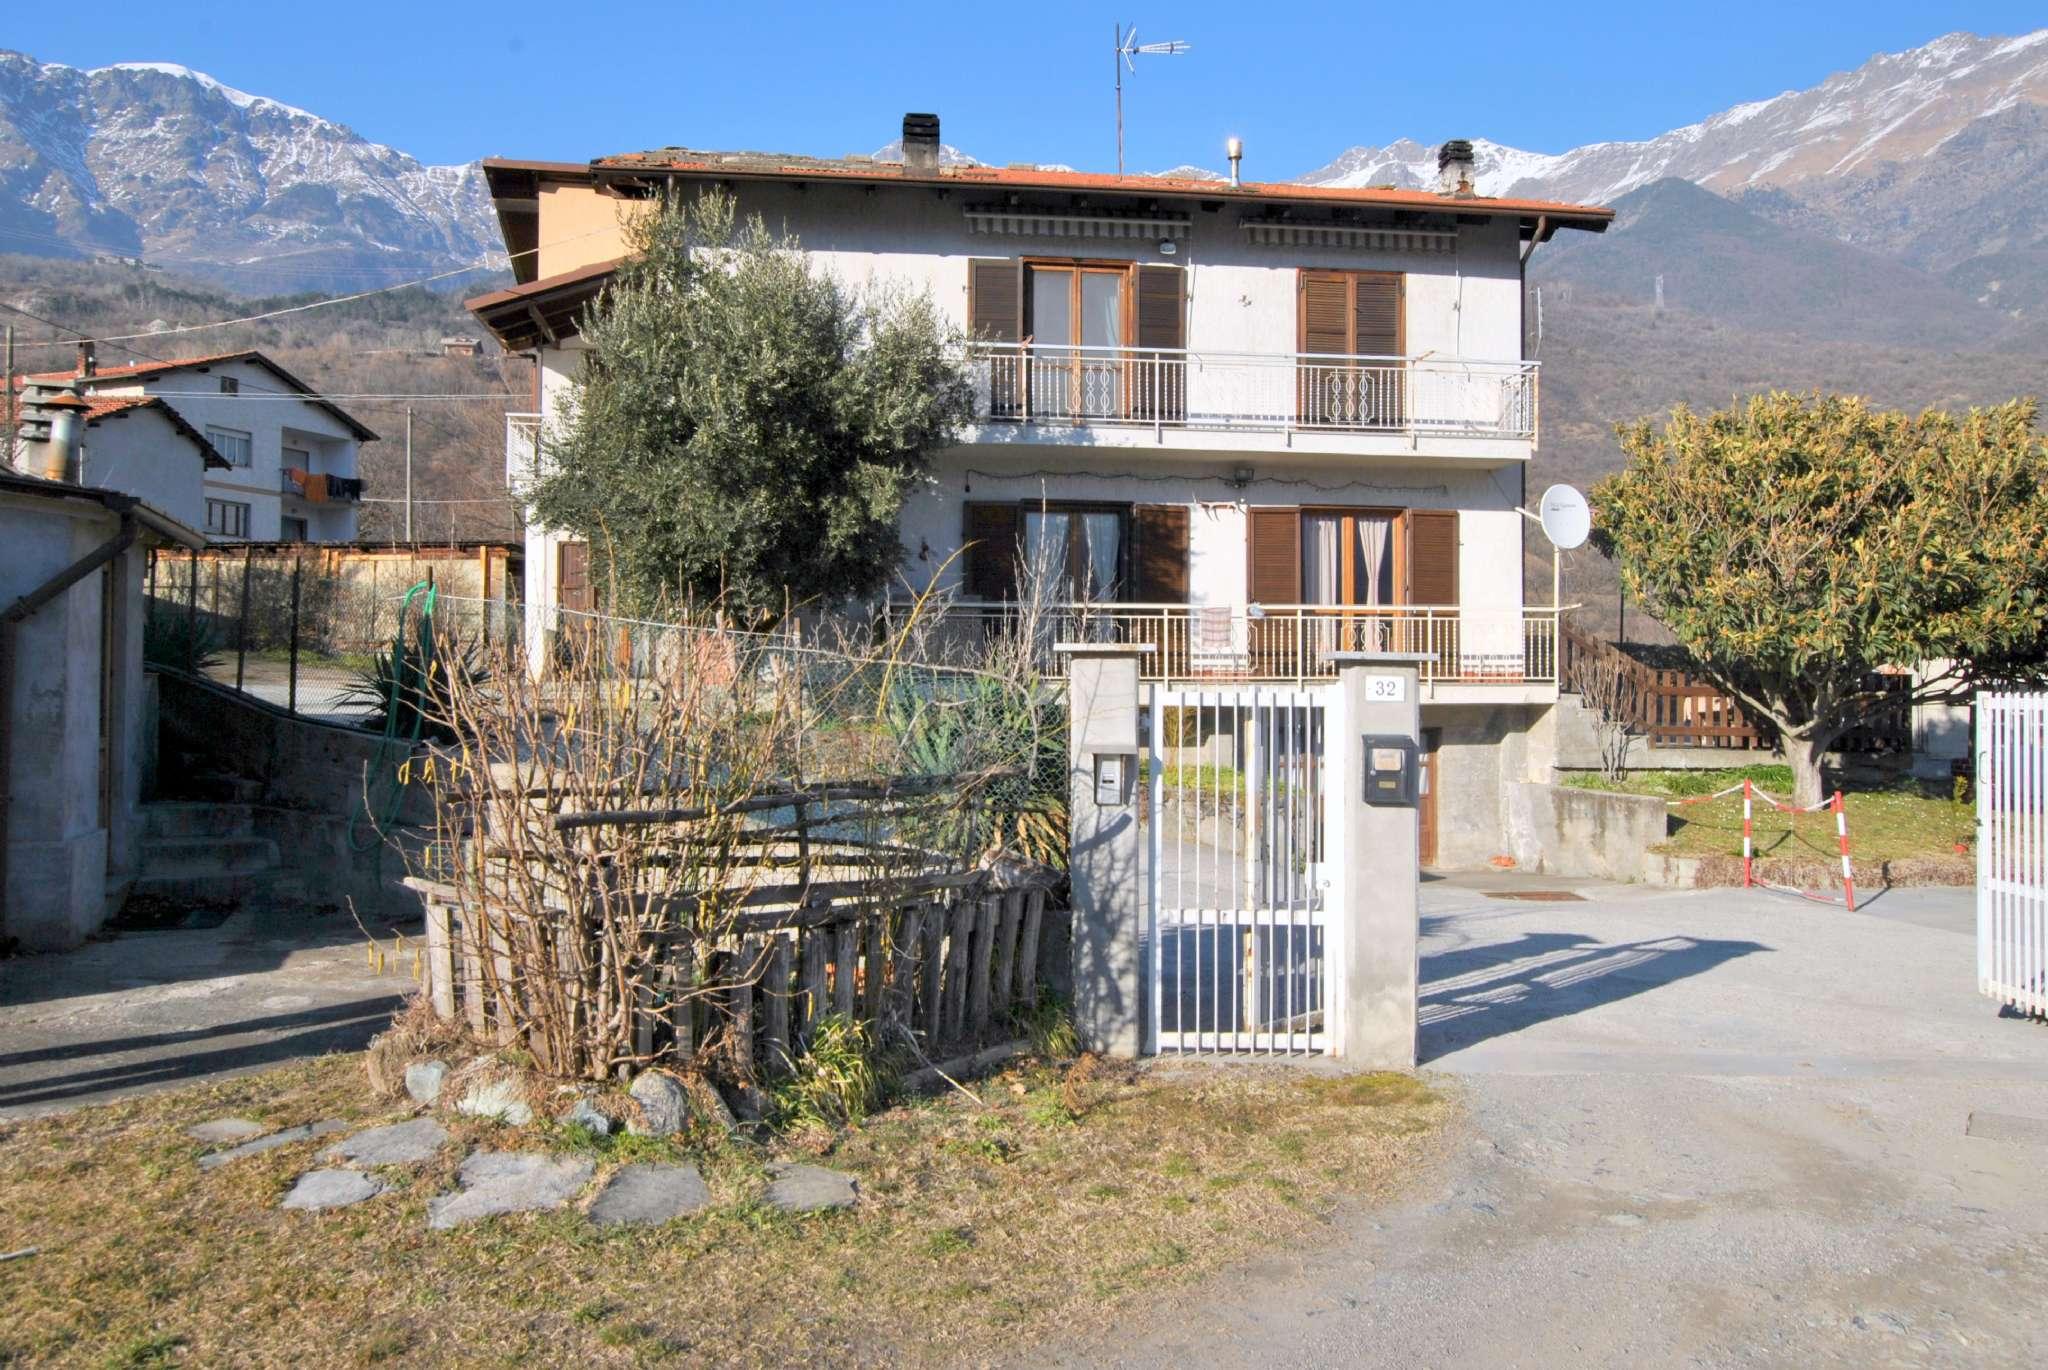 Appartamento in vendita a Chianocco, 4 locali, prezzo € 78.000 | PortaleAgenzieImmobiliari.it